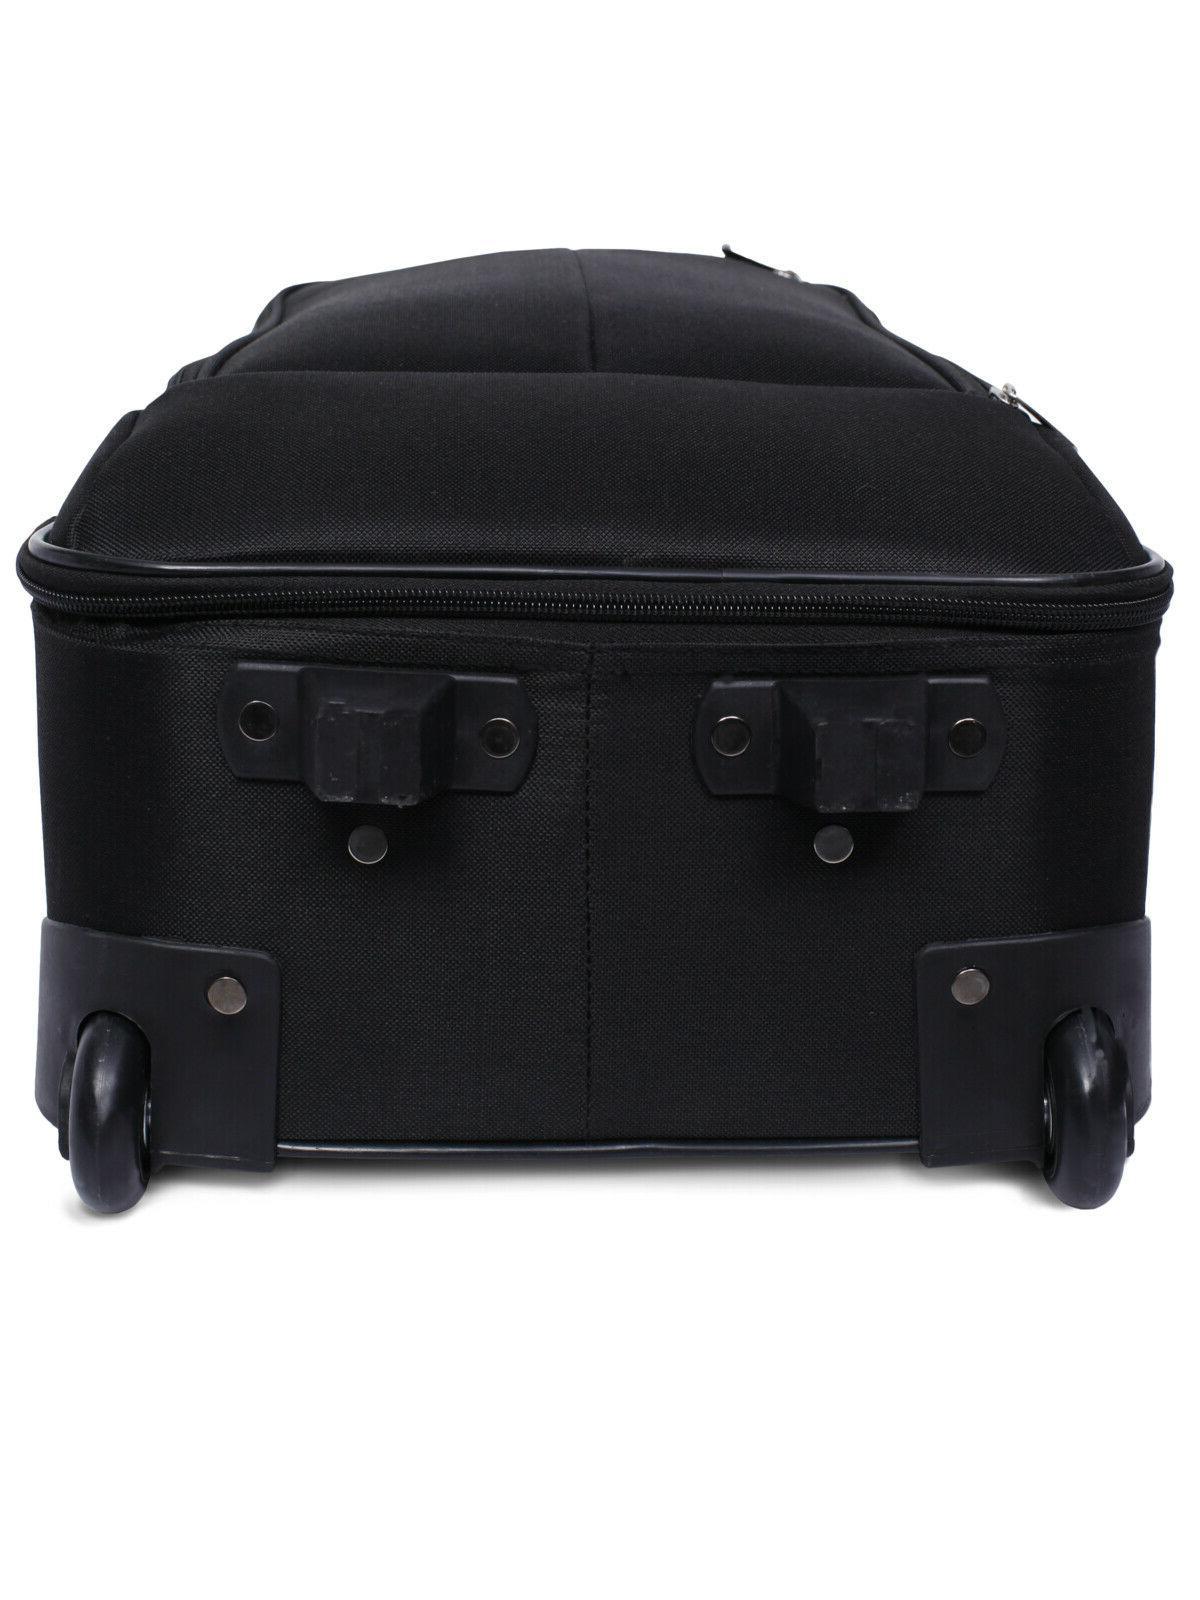 Pilot Upright Bag Black 18-Inch